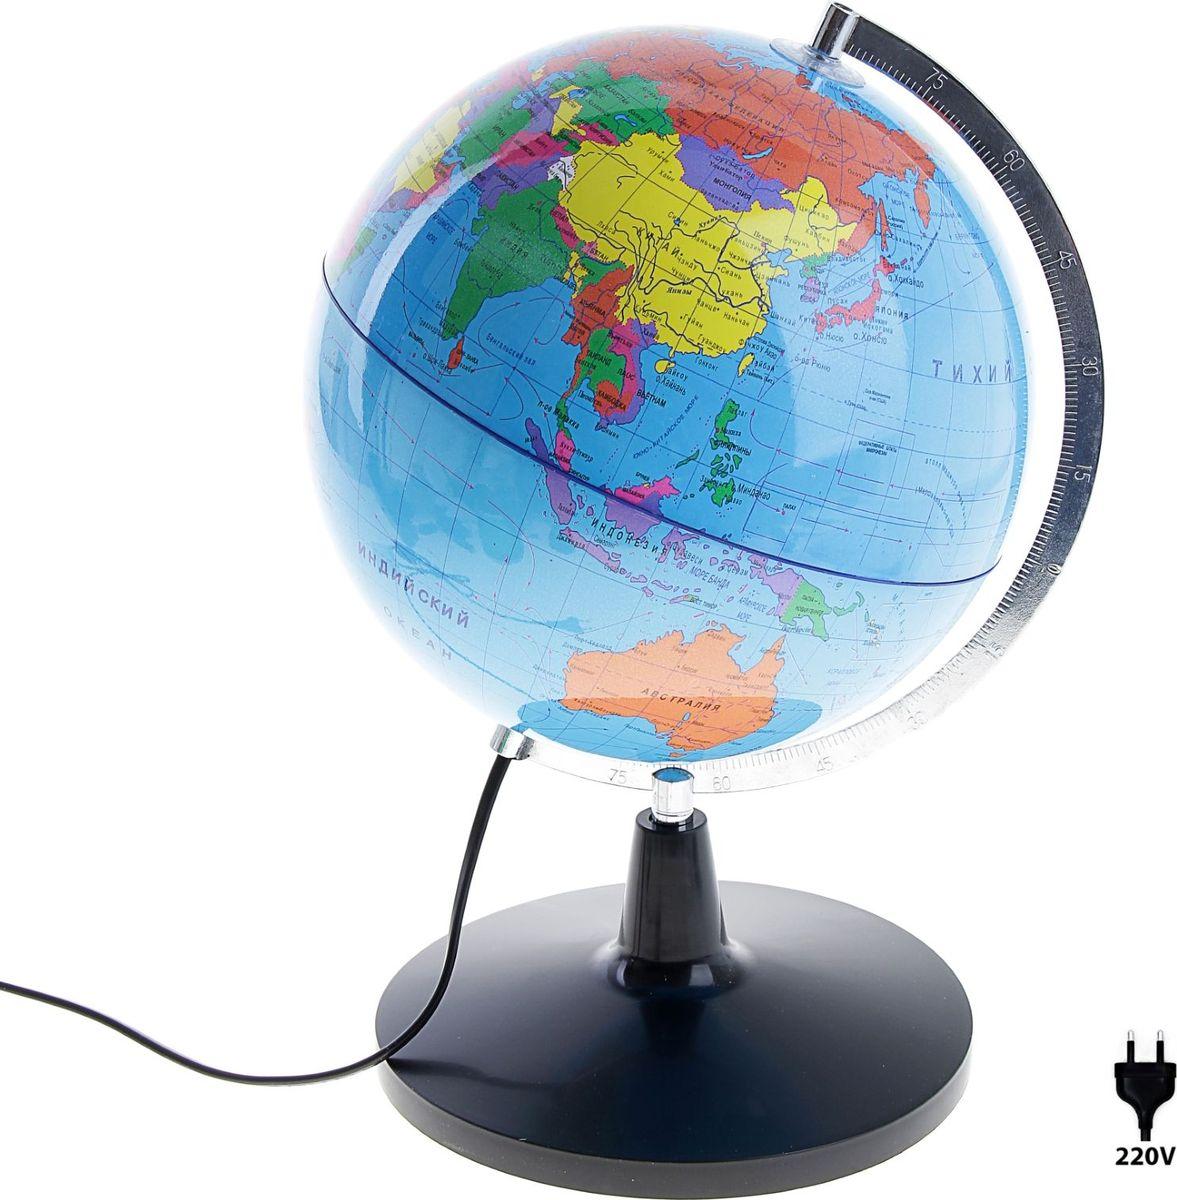 Глобус с подстветкой диаметр 25 смFS-00897Данная модель дает представление о политическом устройстве мира. Макет показывает расположение государств, столиц и крупных населенных пунктов. Названия всех объектов приведены на русском языке. Страны окрашены в разные цвета, чтобы вам было удобнее ориентироваться. Изделие изготовлено из прочного пластика. На глобусе также отображены: экватор параллели меридианы градусы государственные границы демаркационные линии.Используйте глобус как ночник. Он оснащен мягкой, приглушенной LED-подсветкой. Характеристики Высота глобуса с подставкой: 39 см. Диаметр: 25 см. Масштаб: 1:52 000 000.